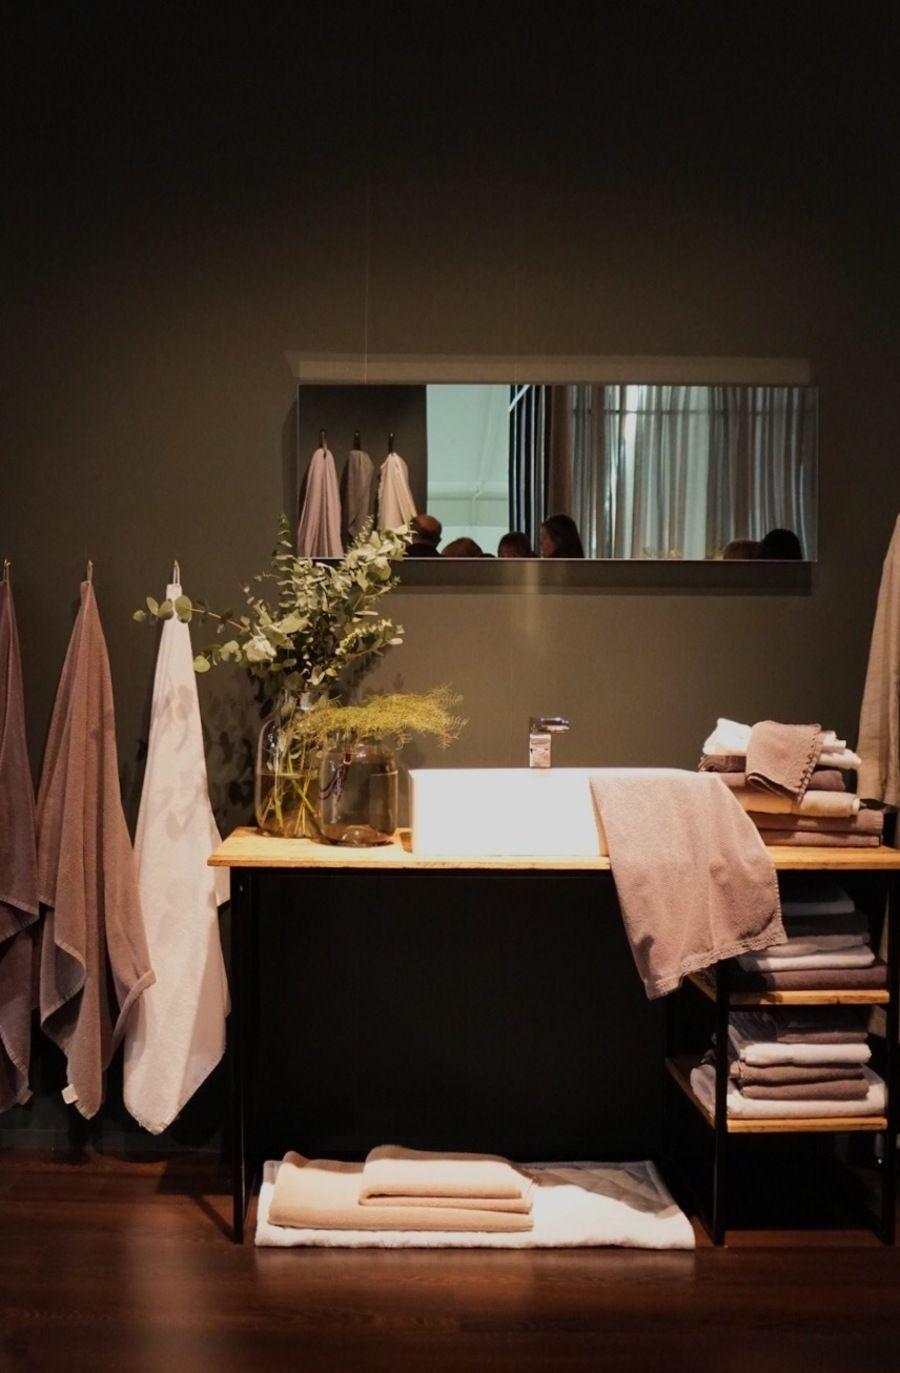 Die 6 Schönsten Wohntrends Für Das Jahr 2017 #luiz #badezimmer #bathroom  #towel